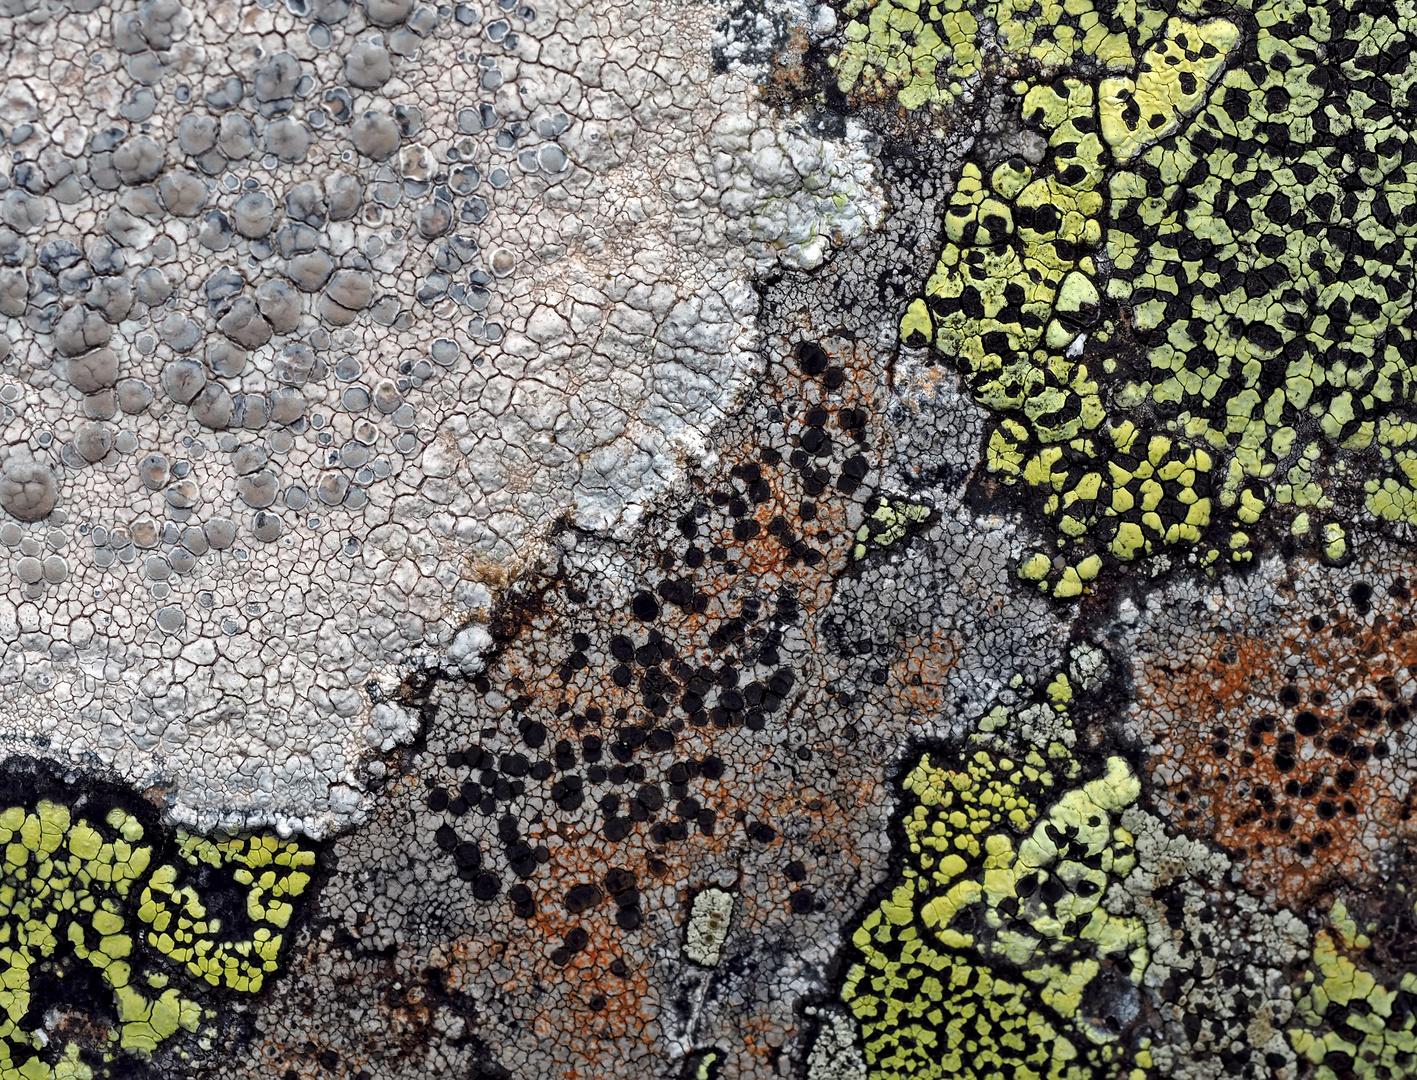 Flechtenfreuden! * - Les lichens réjouissent toujours par leurs belles couleurs!